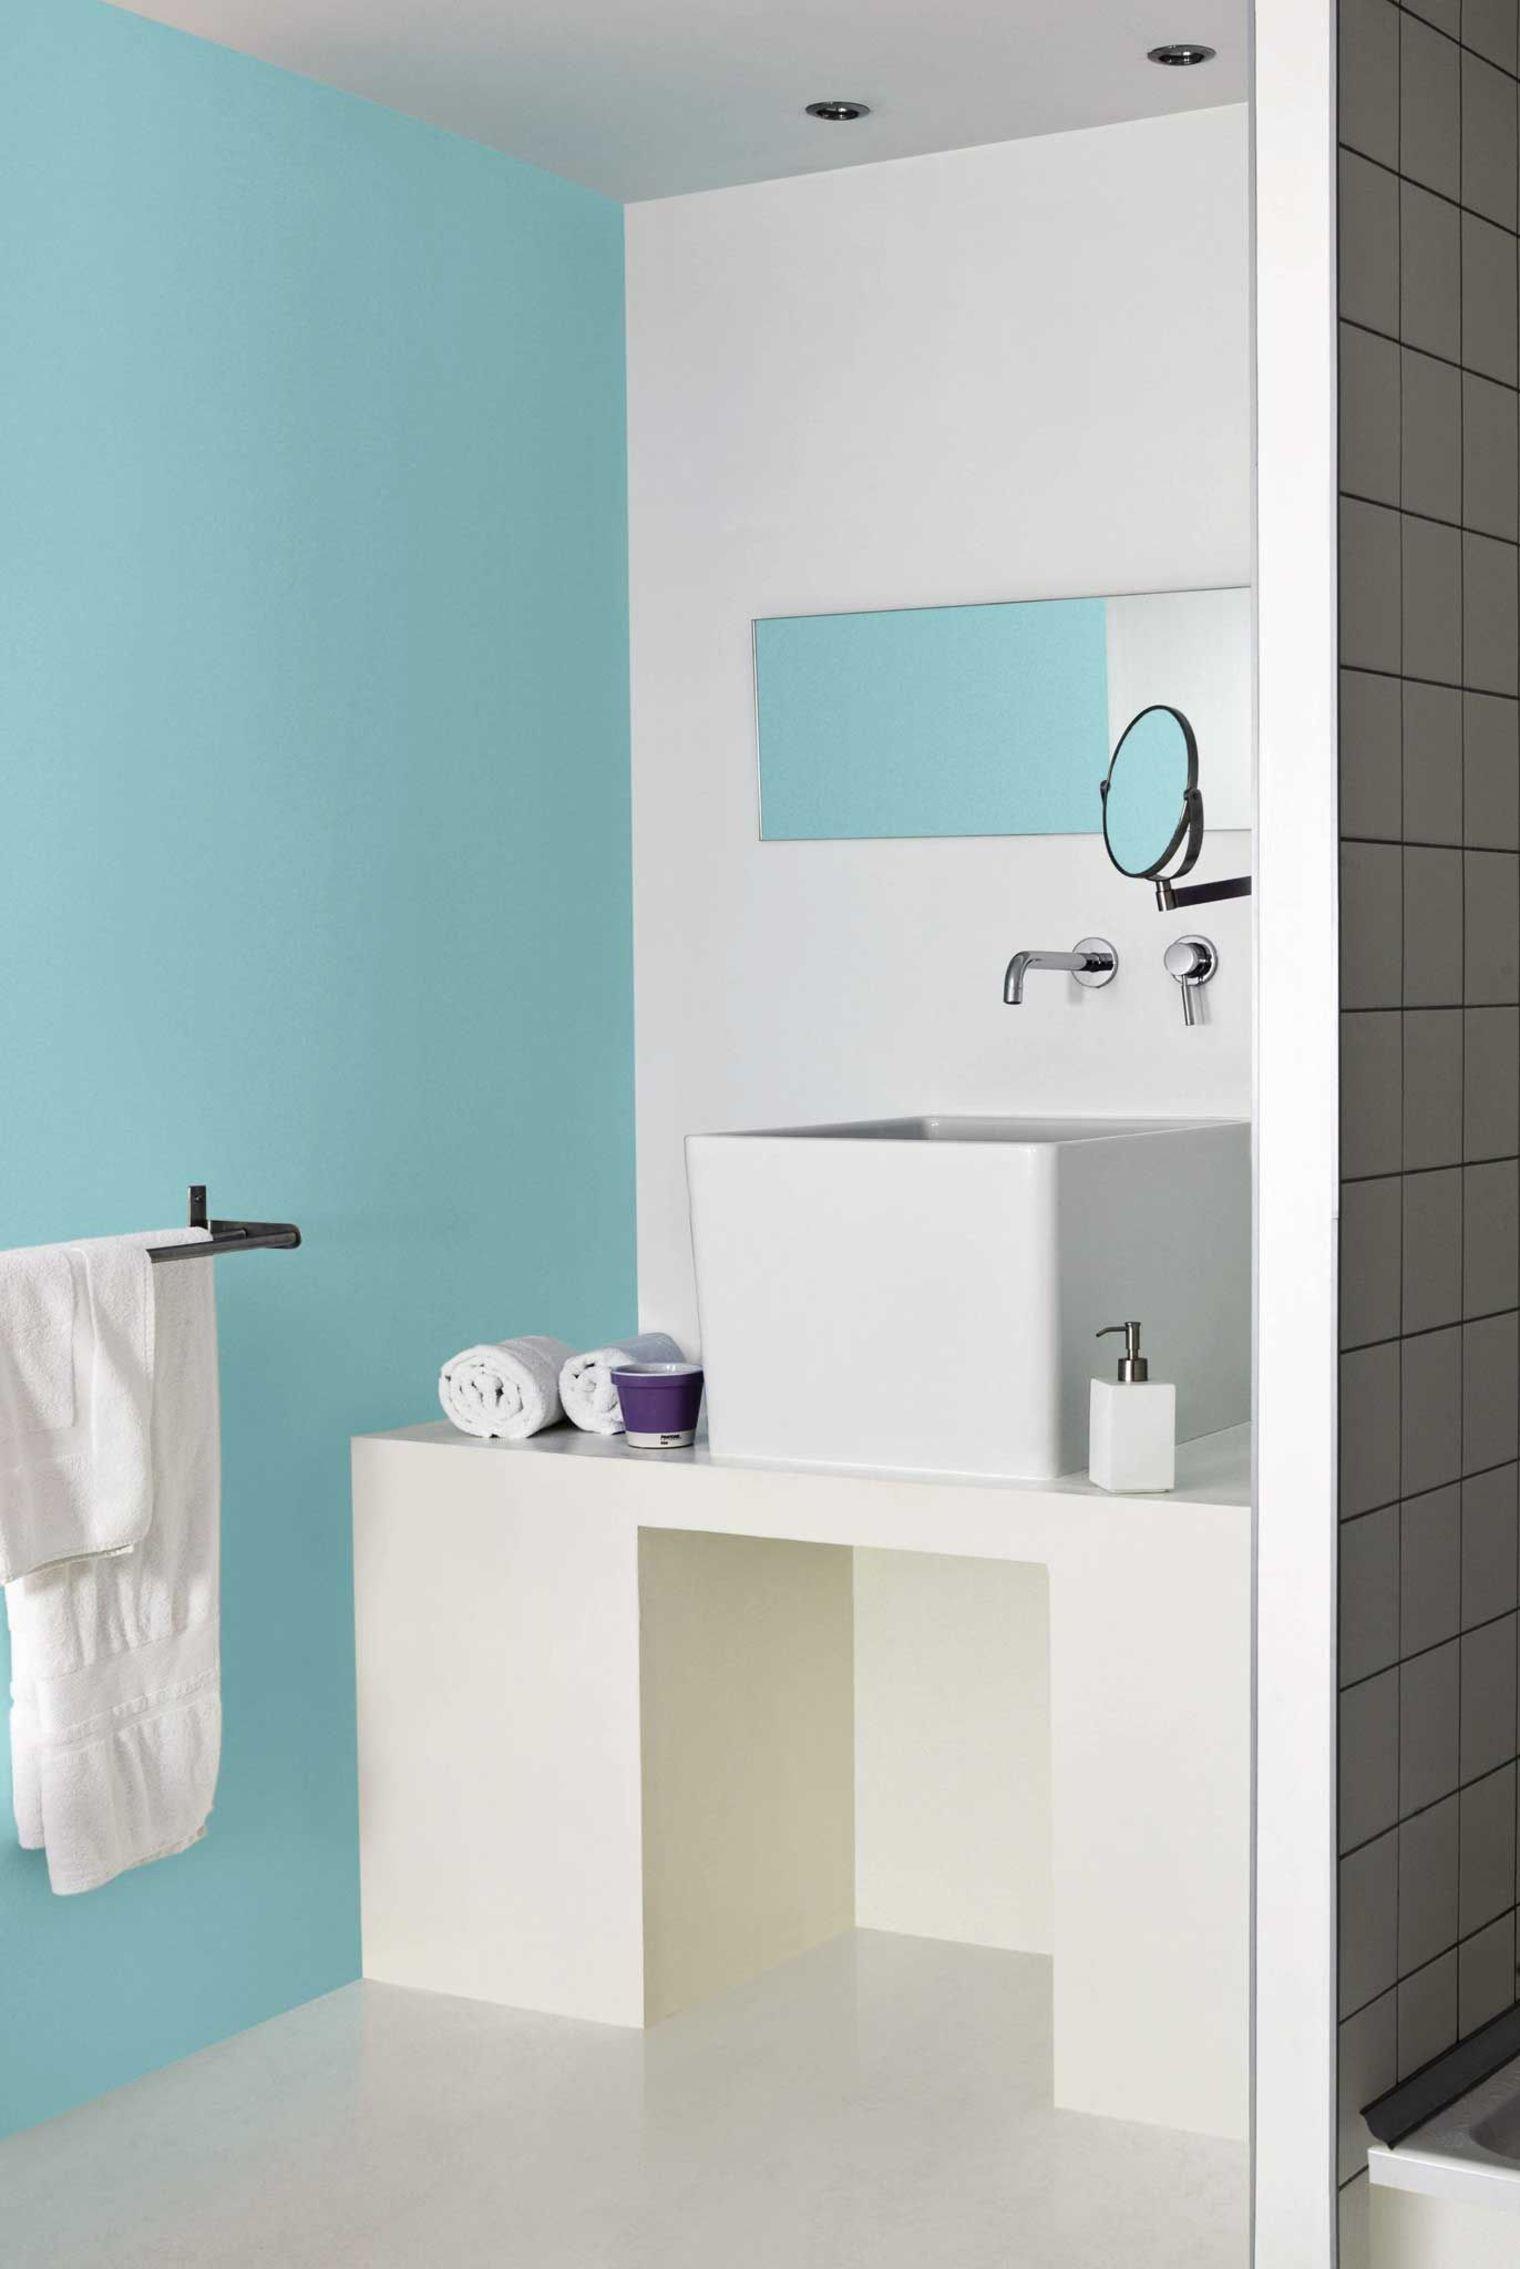 Faience rouge salle de bain - Peindre sur carrelage salle de bain ...